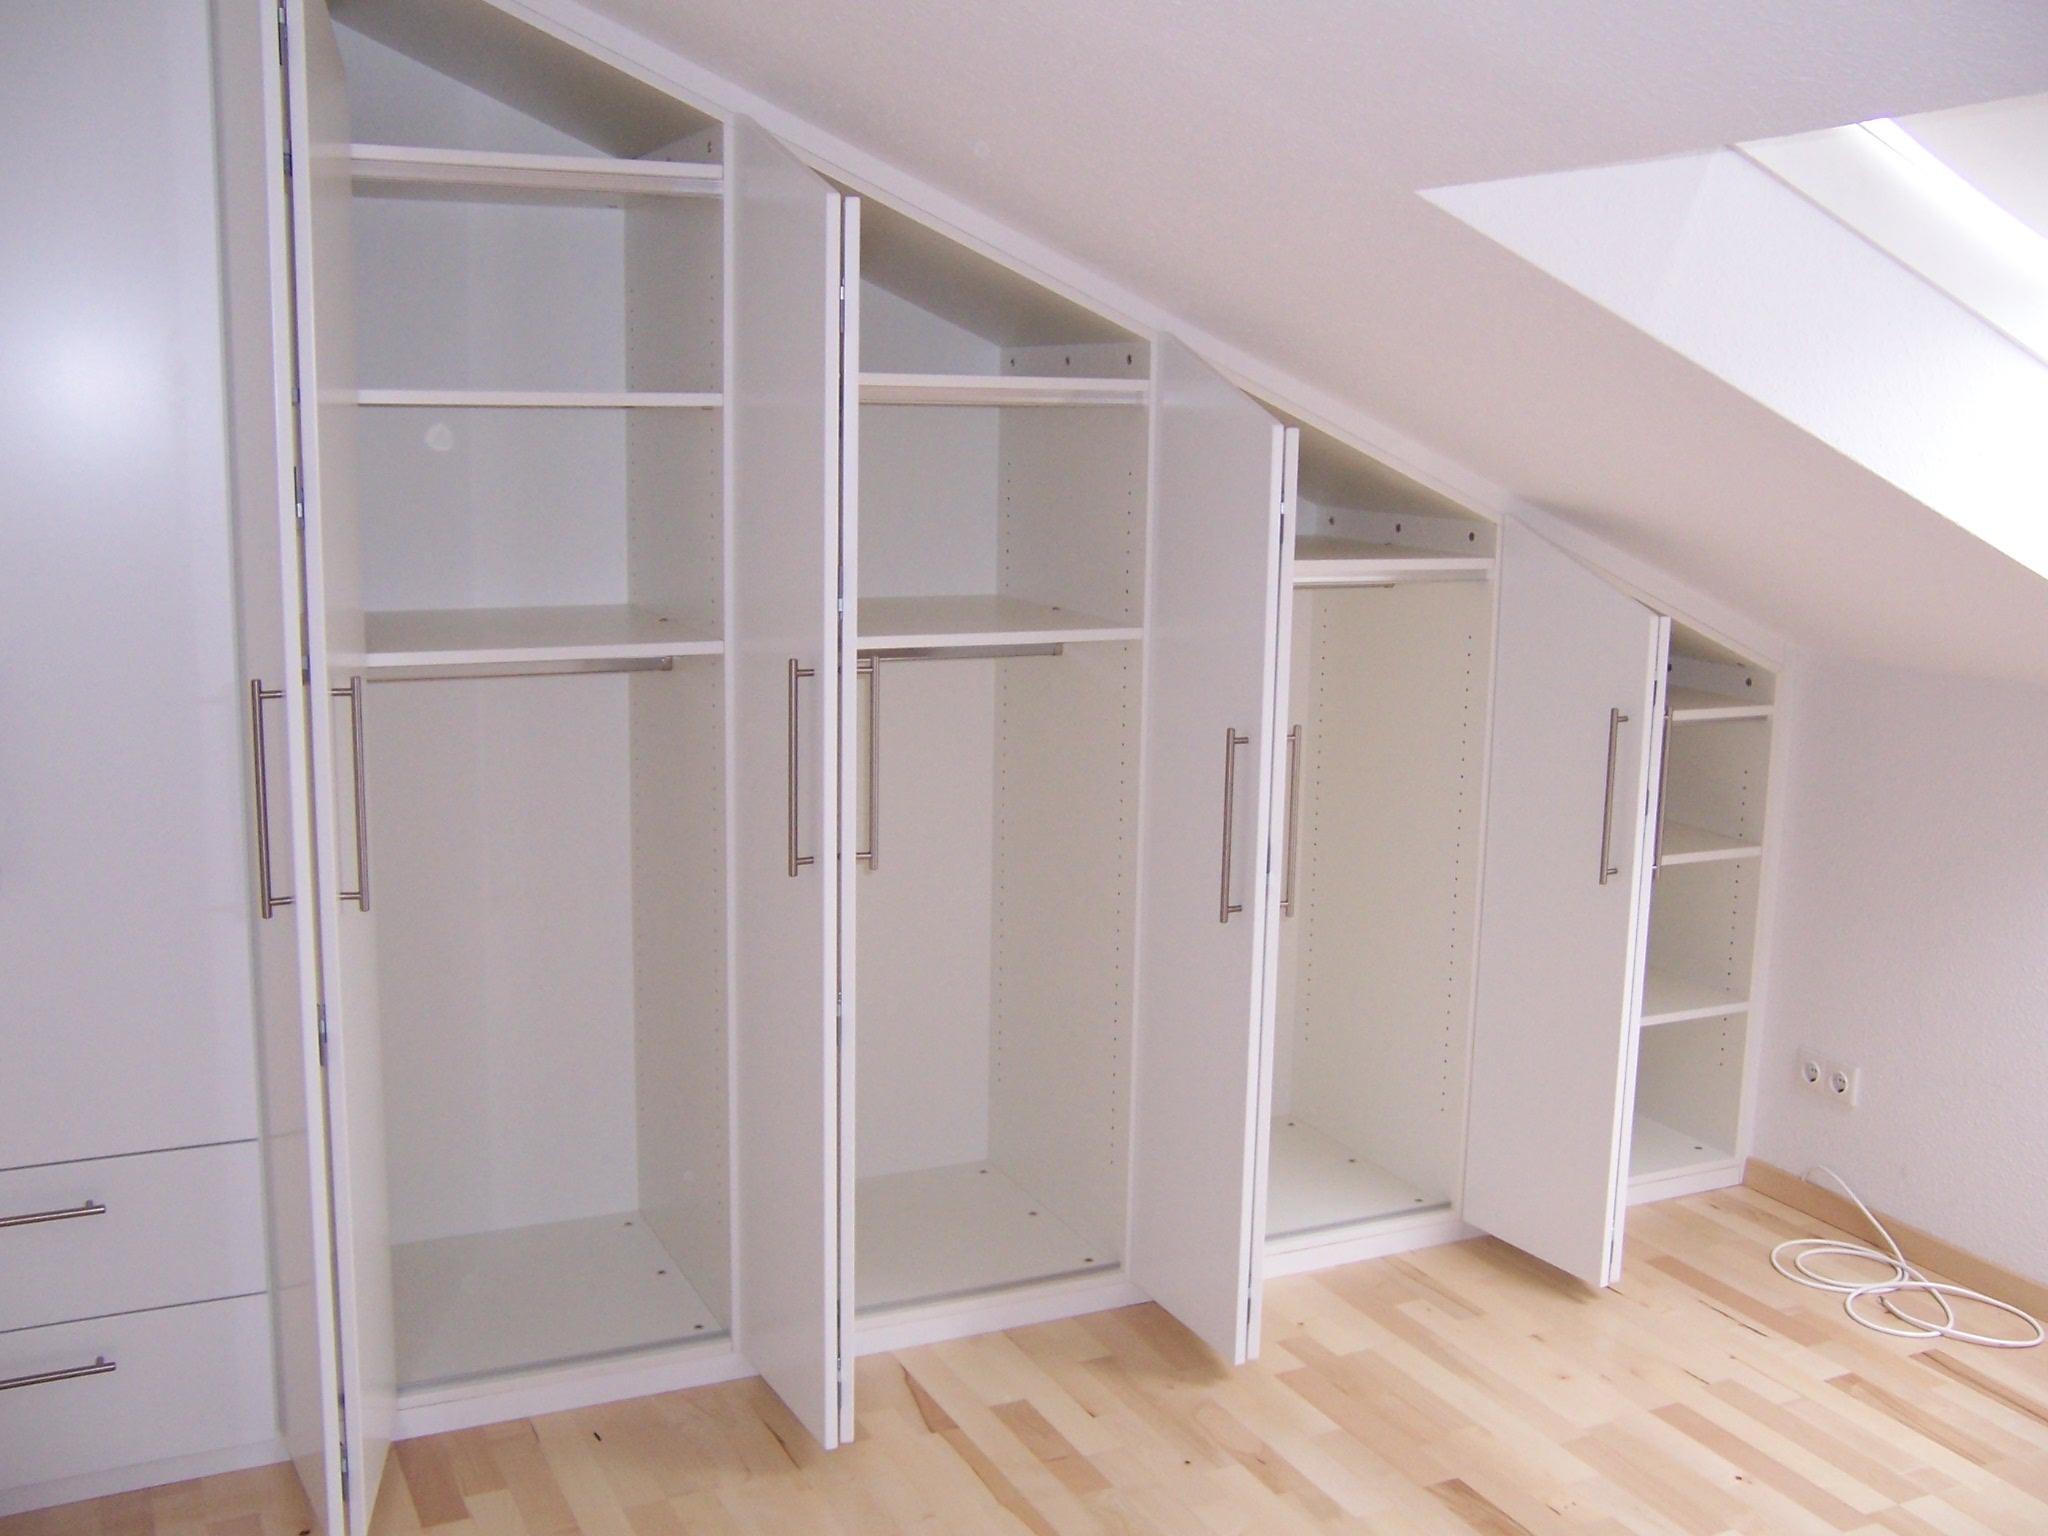 wie kommen wir nur auf unsere galerie wer baut mir eine passende absturzsicherung ach ja. Black Bedroom Furniture Sets. Home Design Ideas